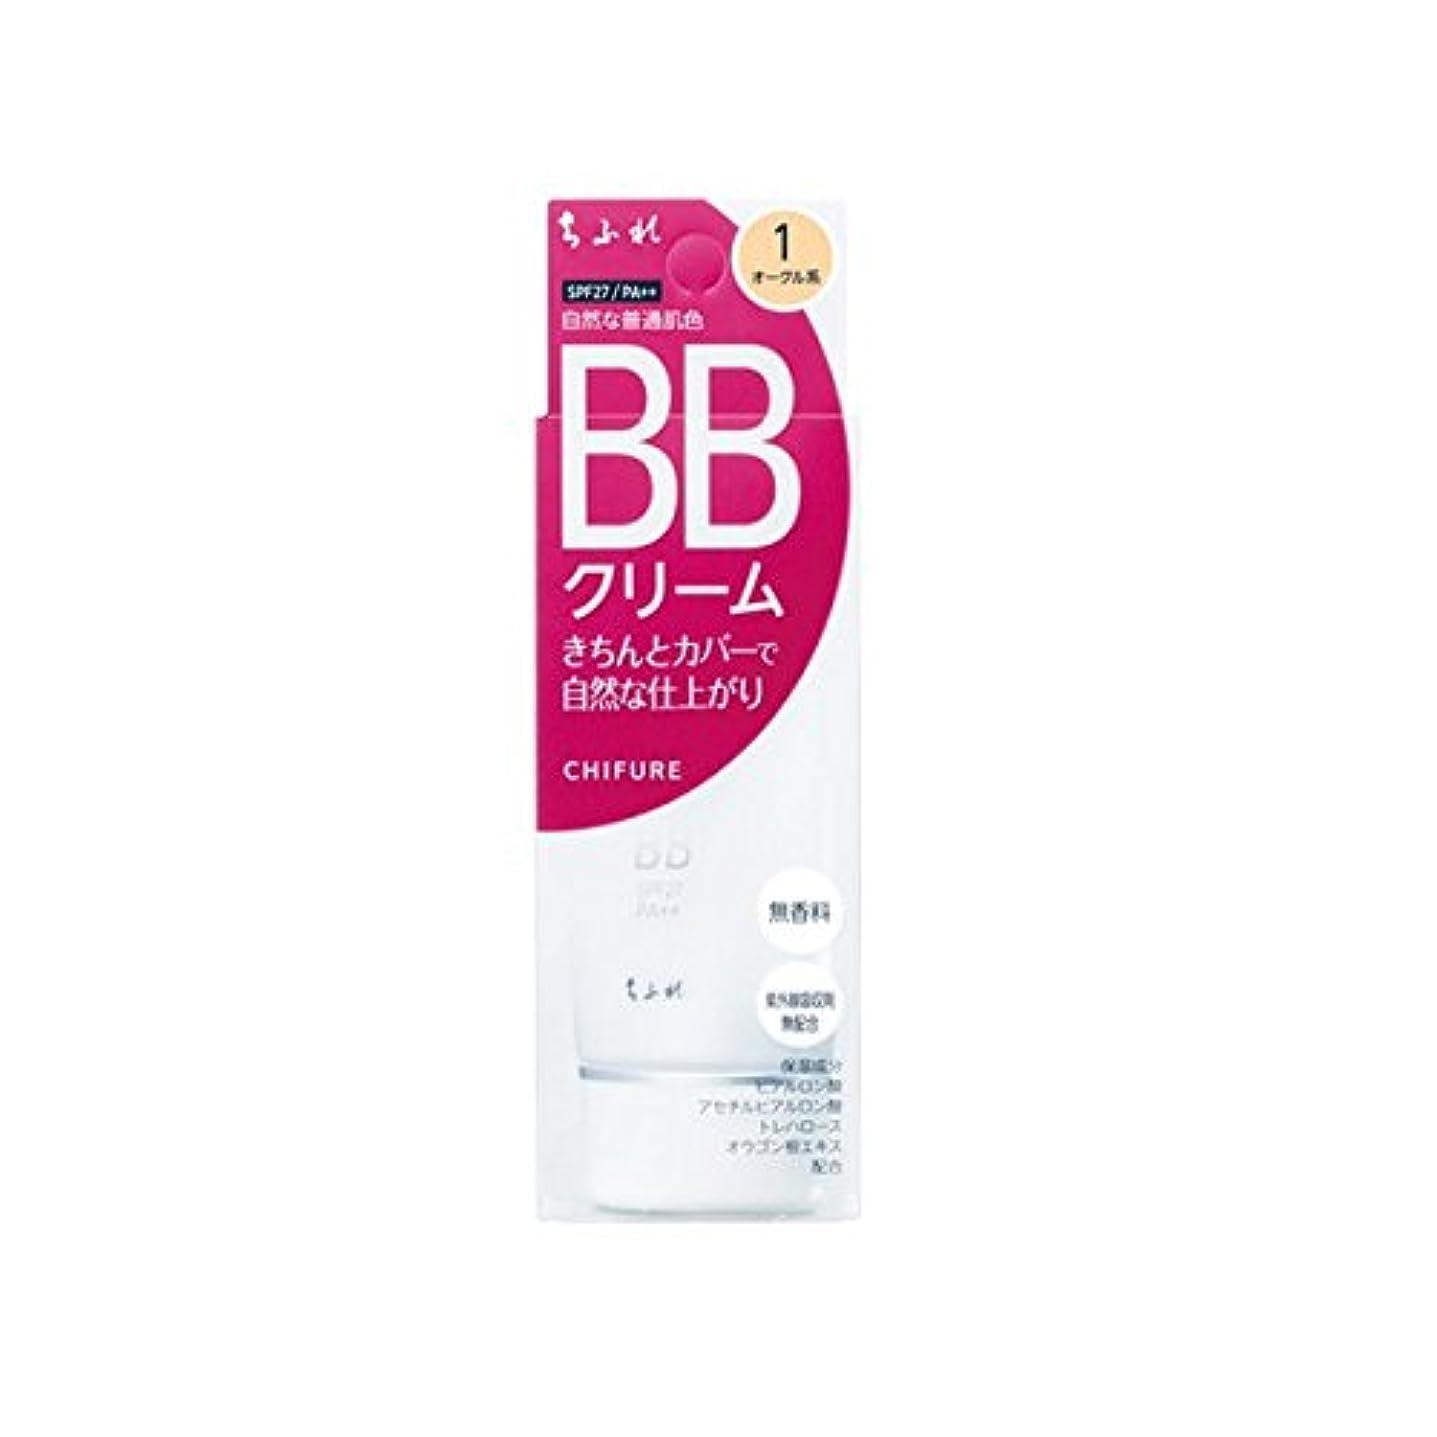 委任するスキー黙認するちふれ化粧品 BB クリーム 1 自然な普通肌色 BBクリーム 1